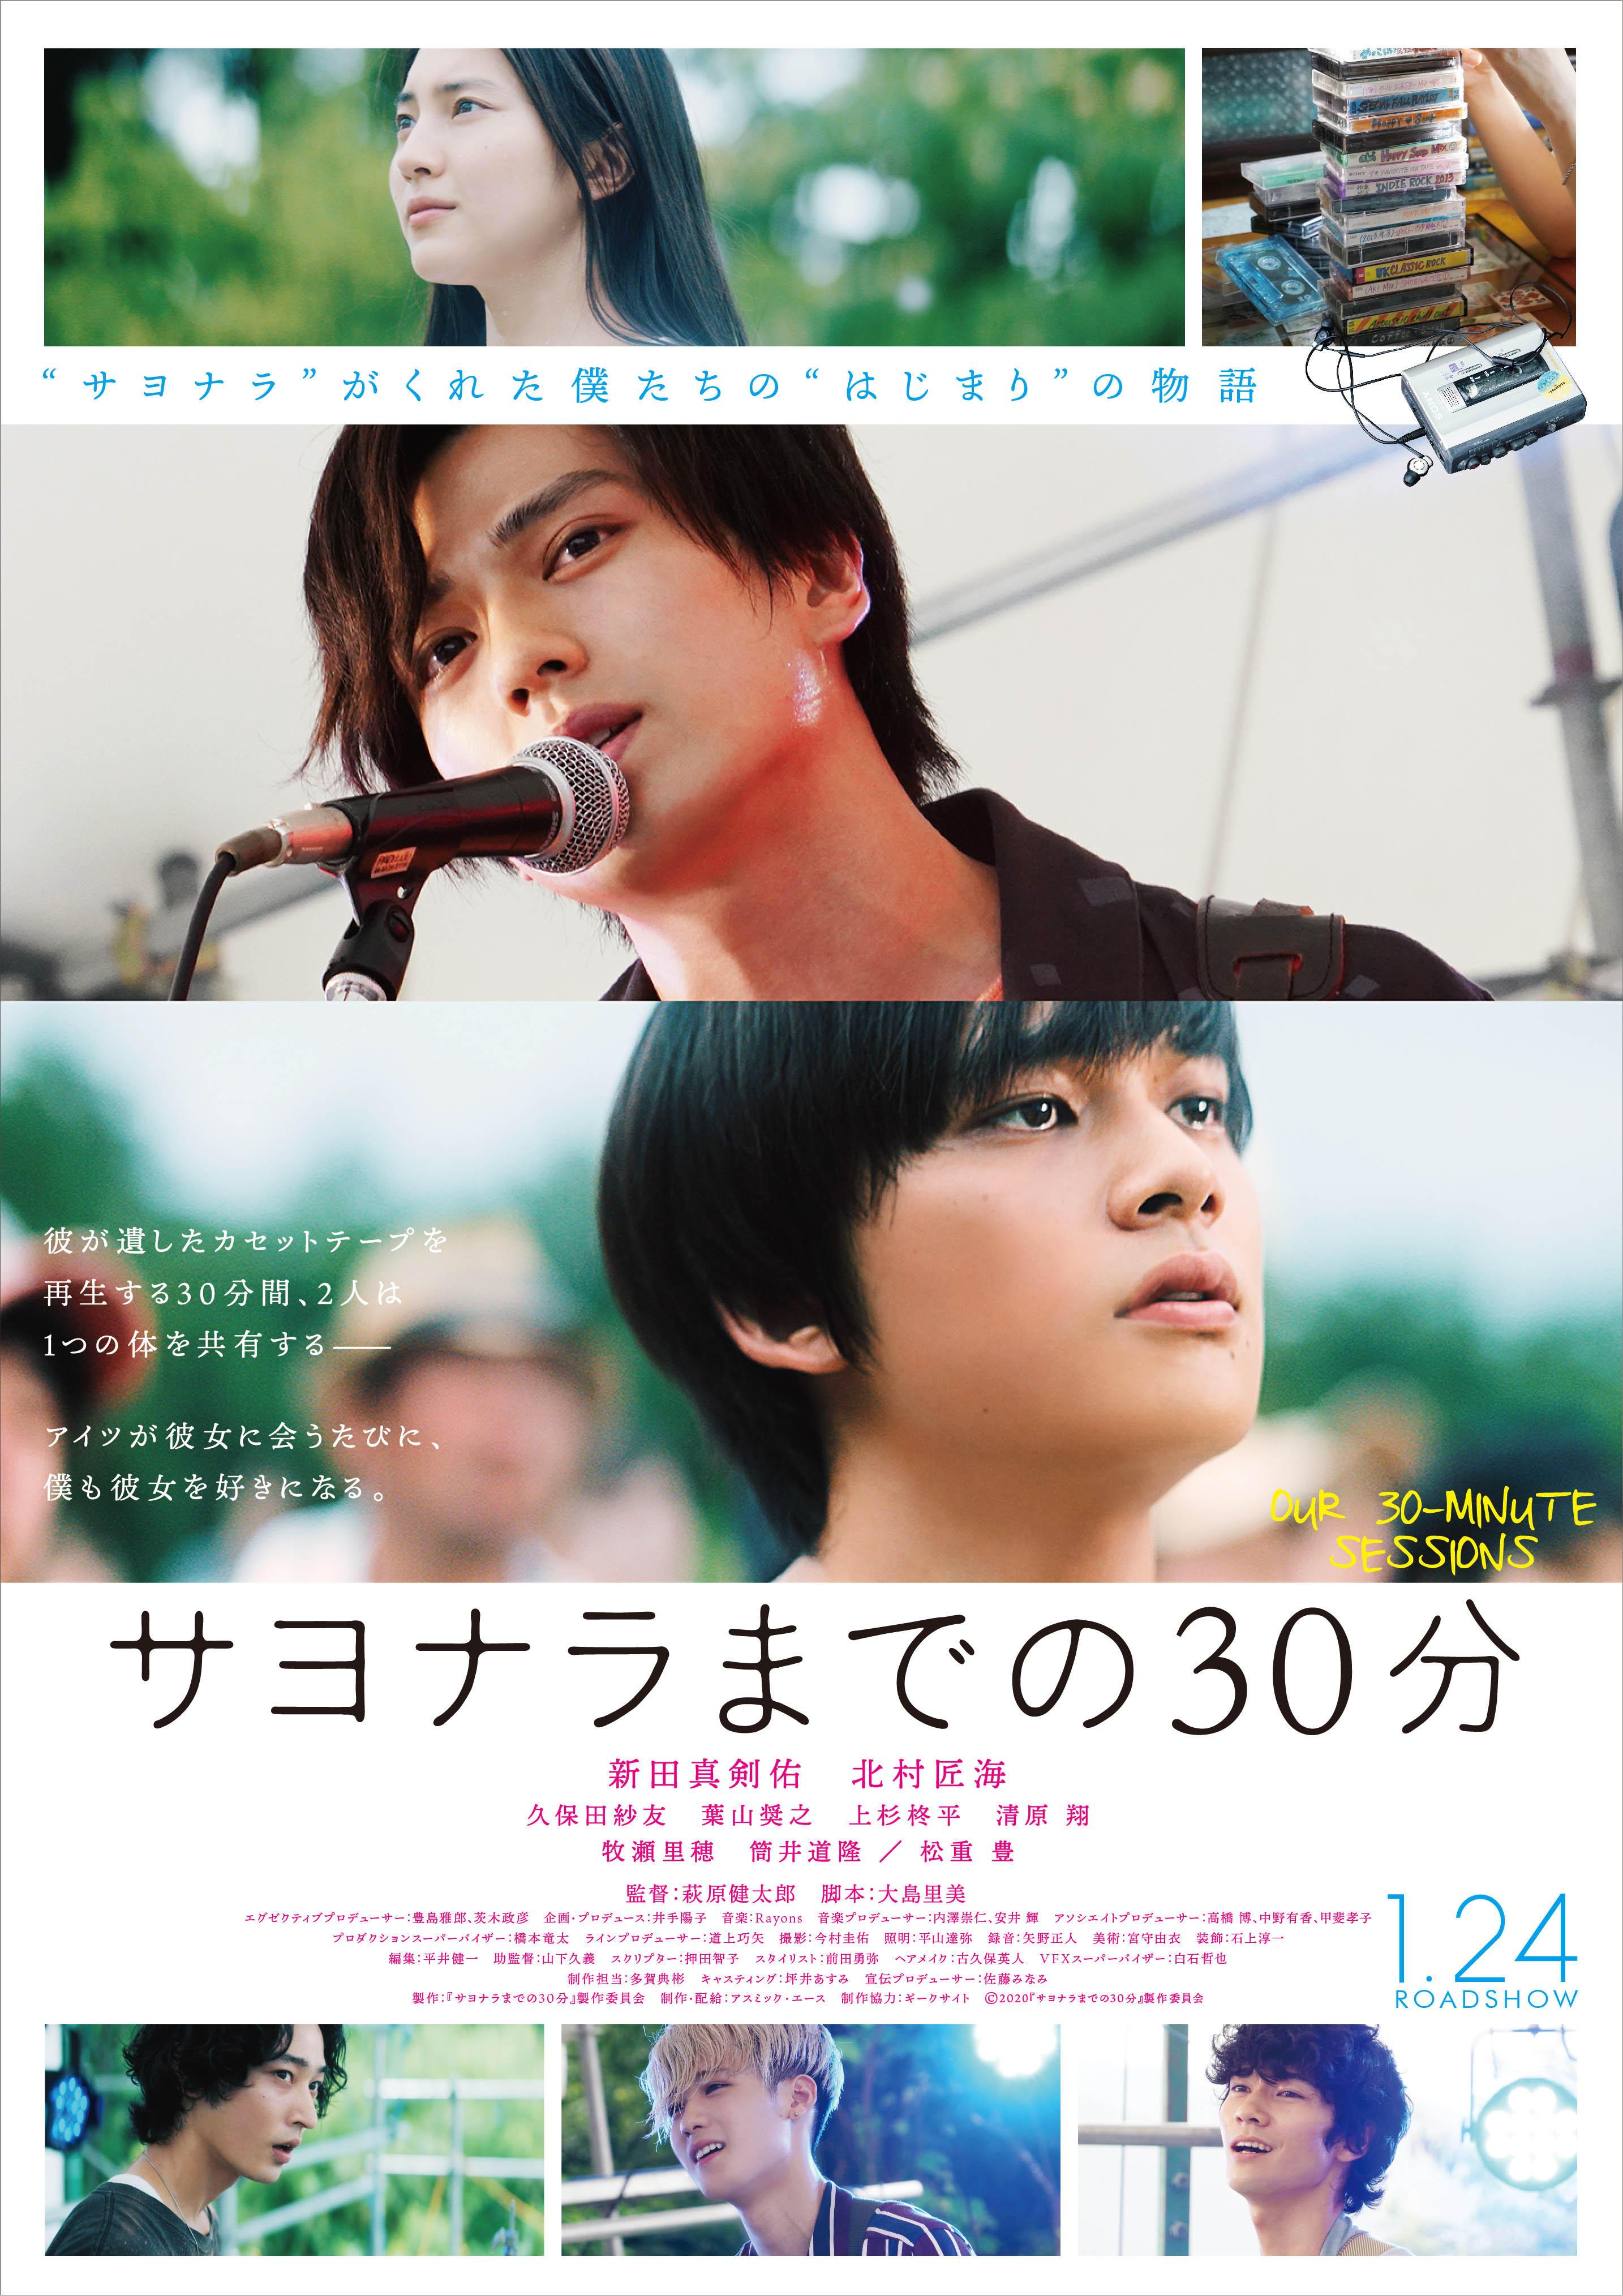 【FIX-S】サヨナラ:本ビジュアル_POSTER E5 (2).jpg